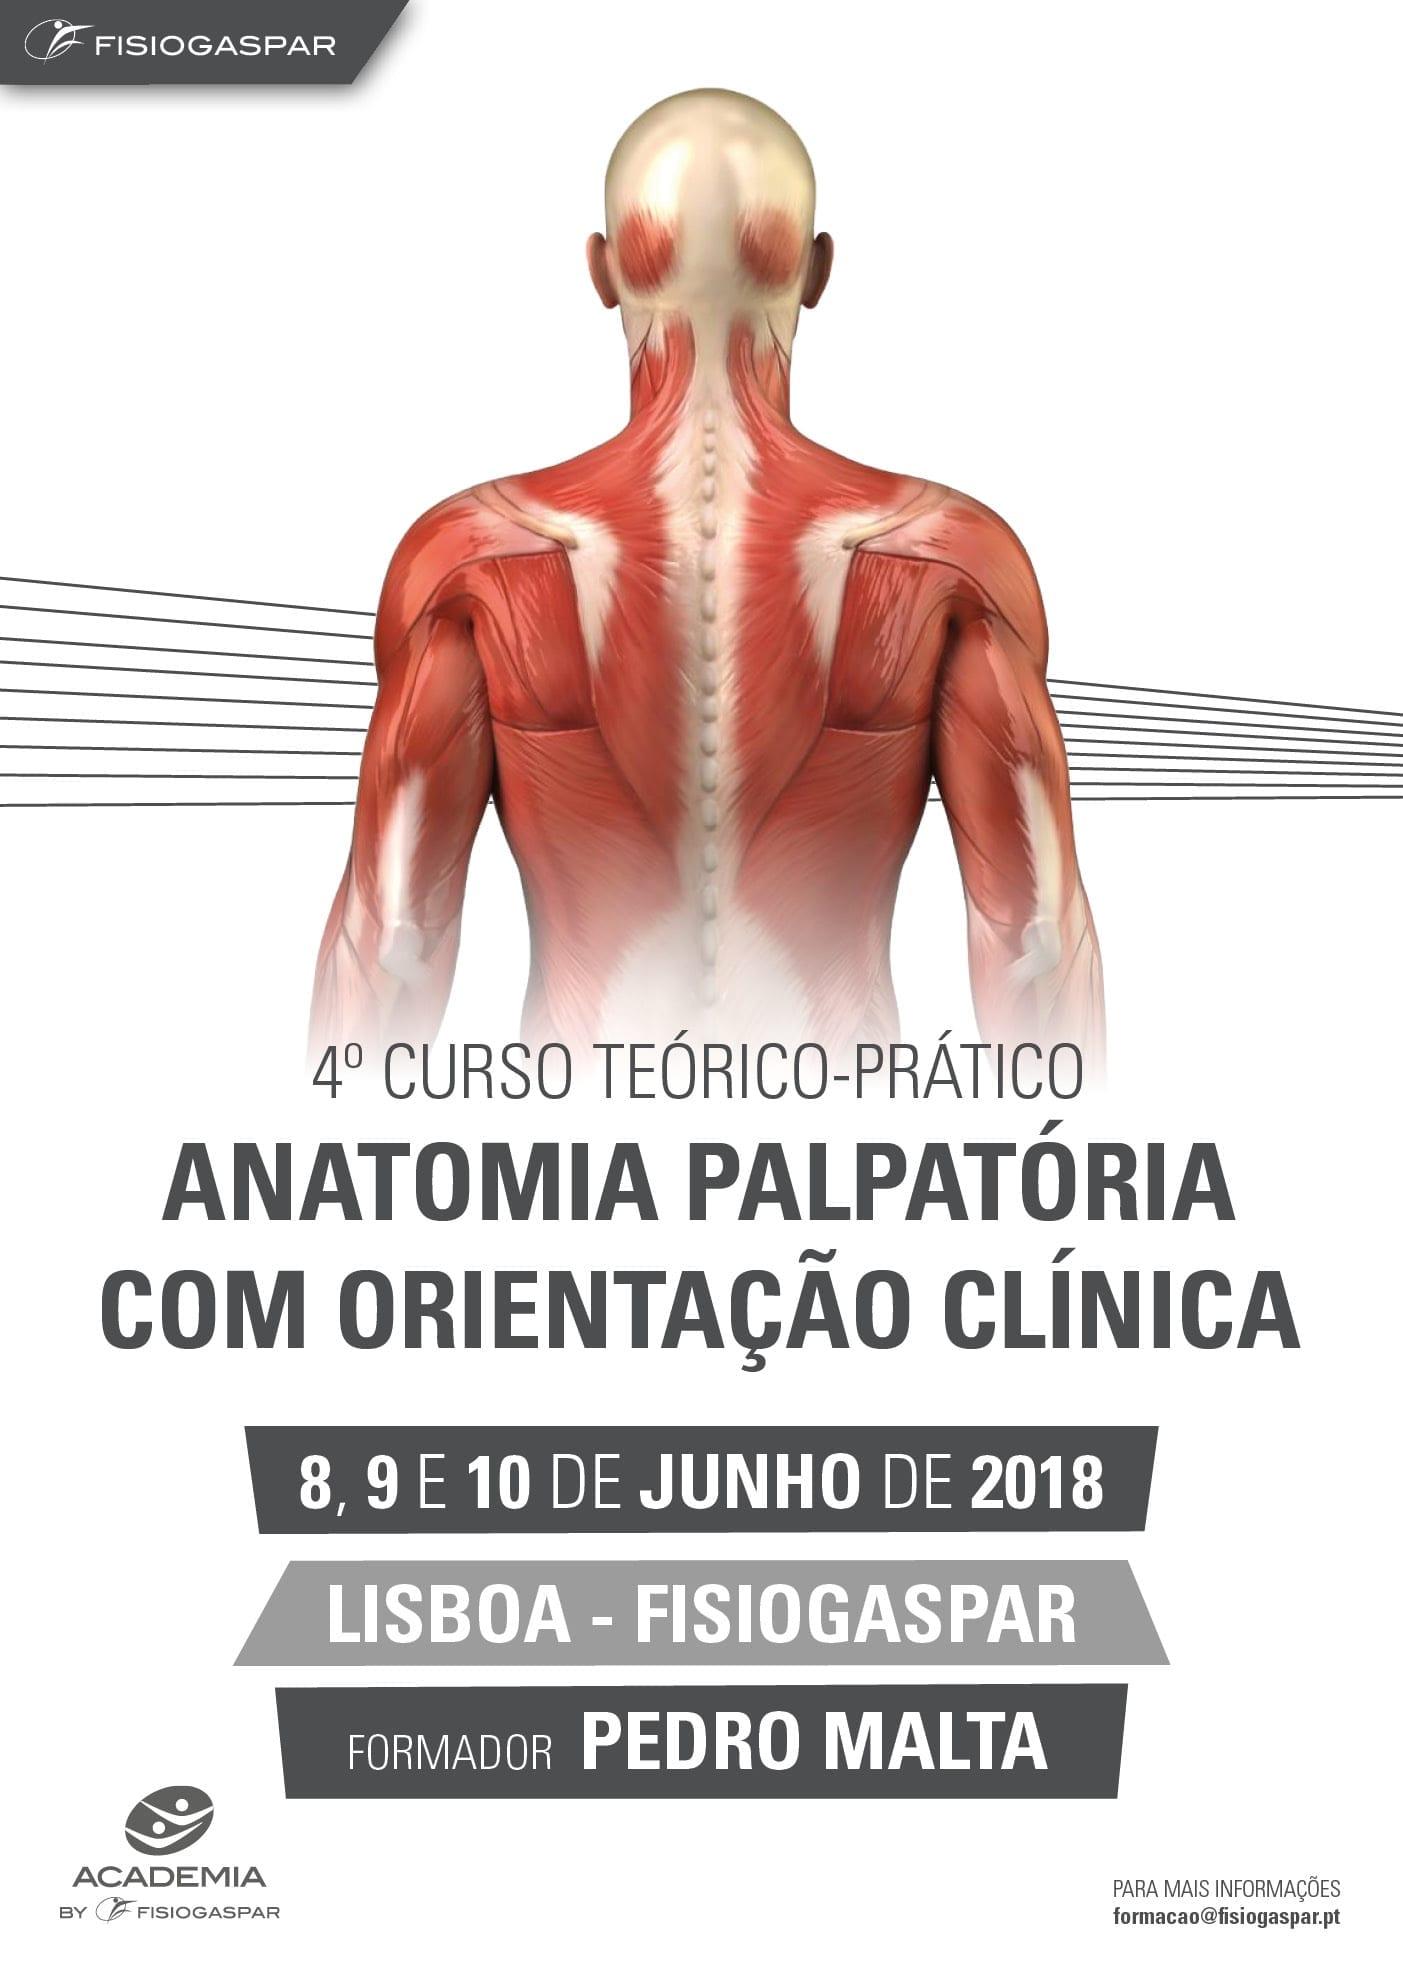 anatomia palpatória orientação clínica